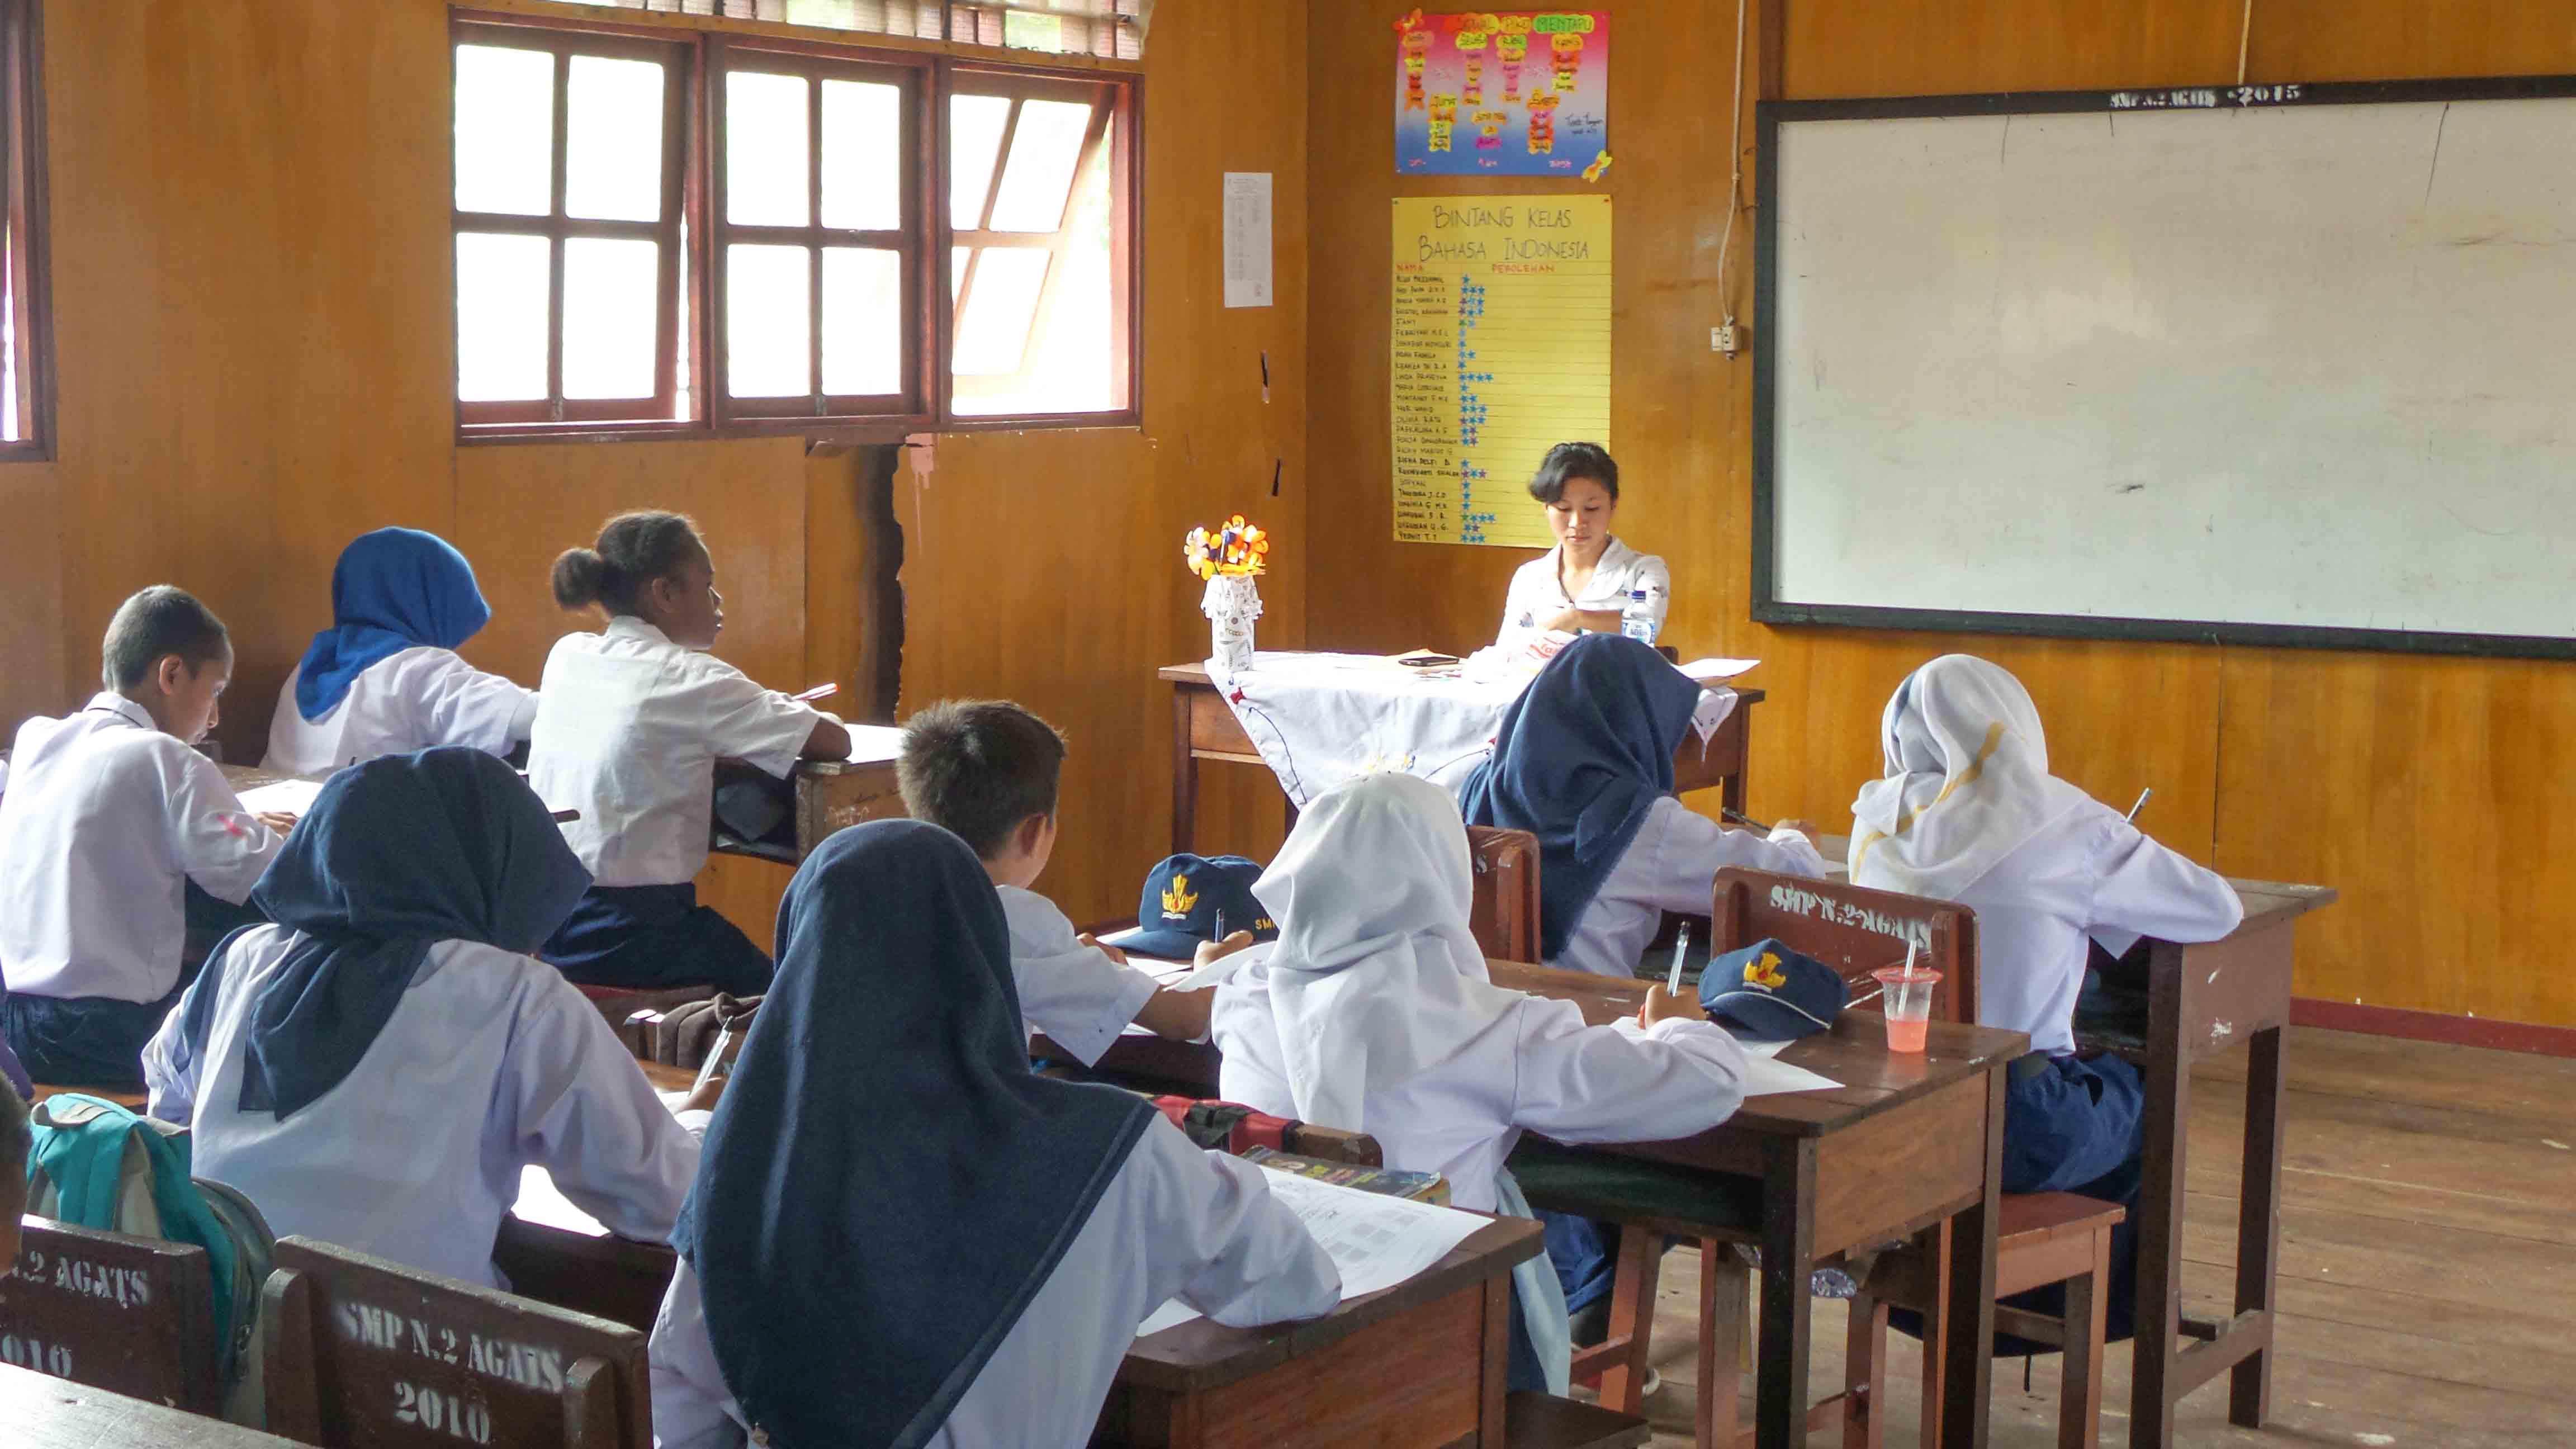 Sekolah Unggulan Sekung  Sekolah Anak Indonesia